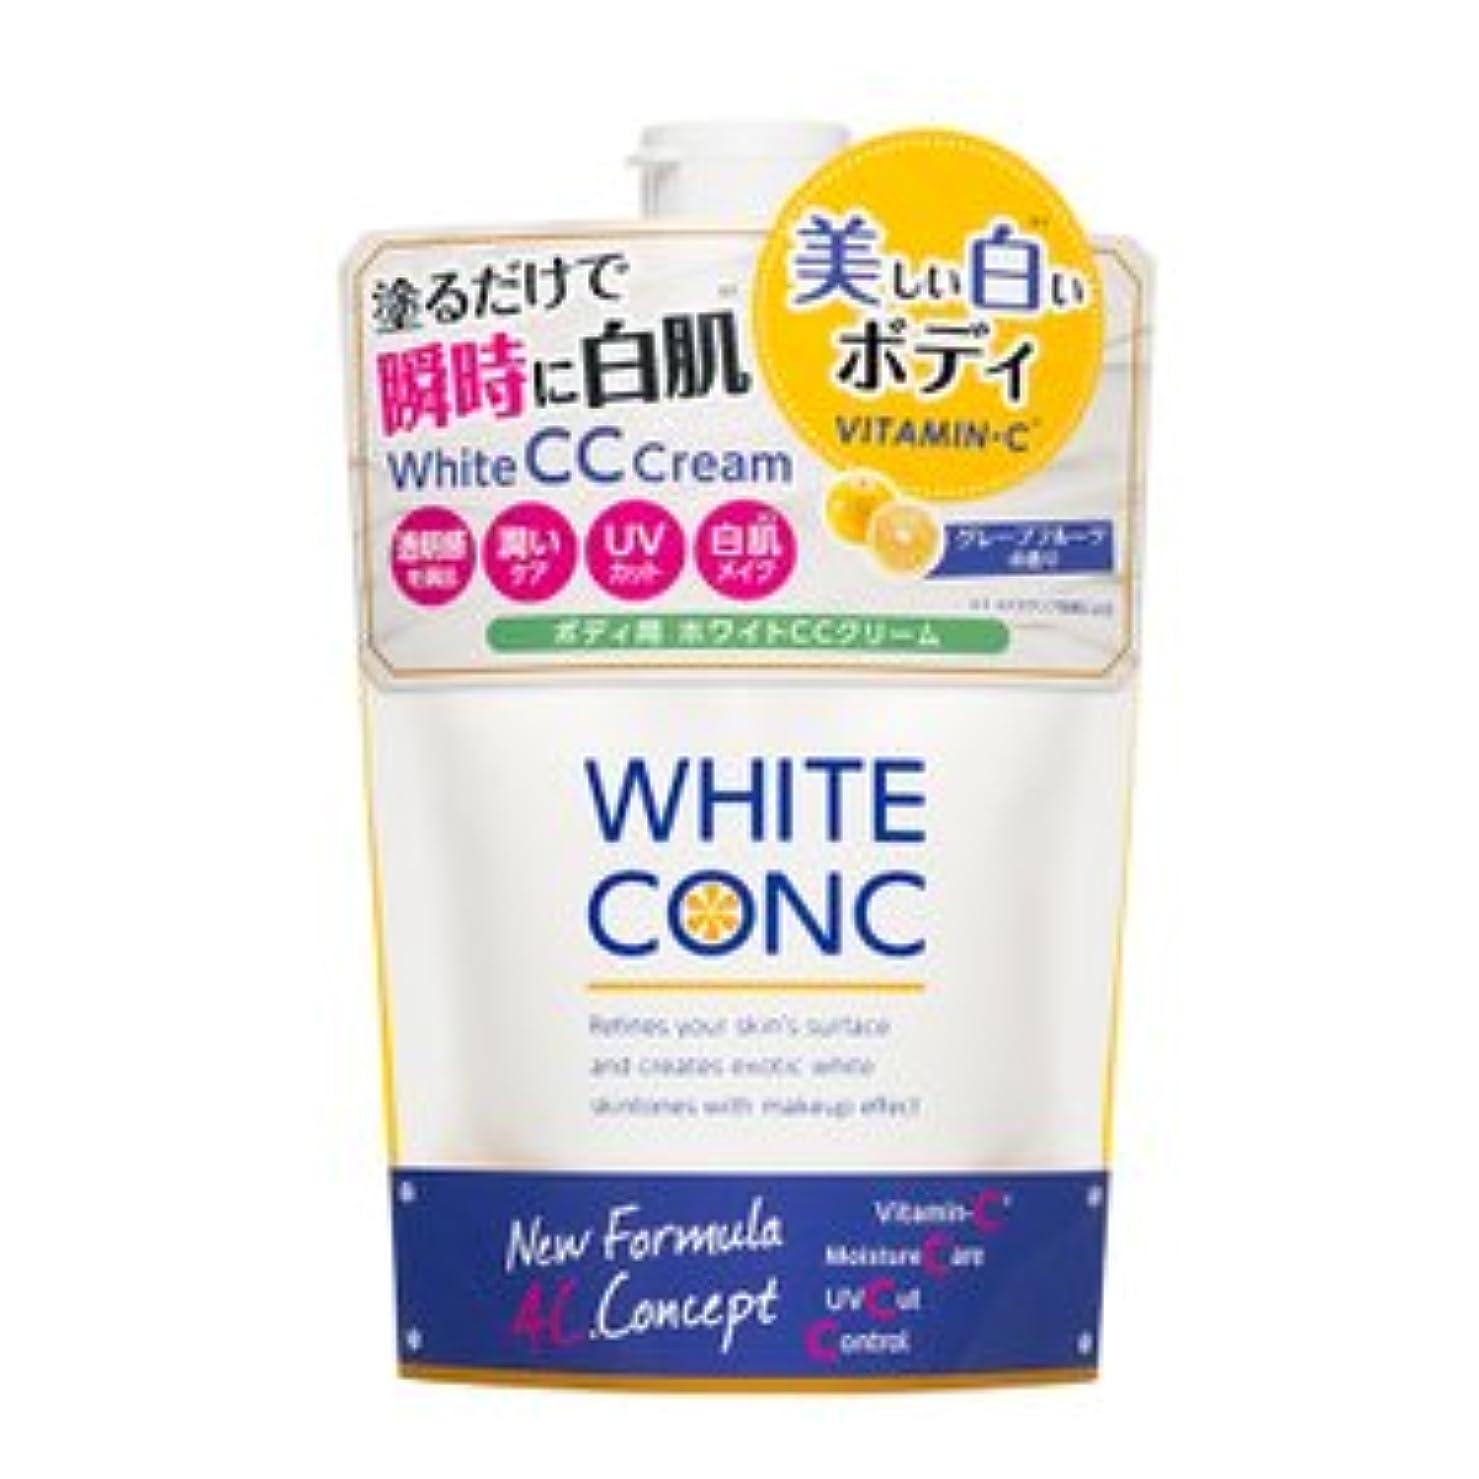 覚えている答え良心的薬用ホワイトコンクホワイトCCクリーム 200g